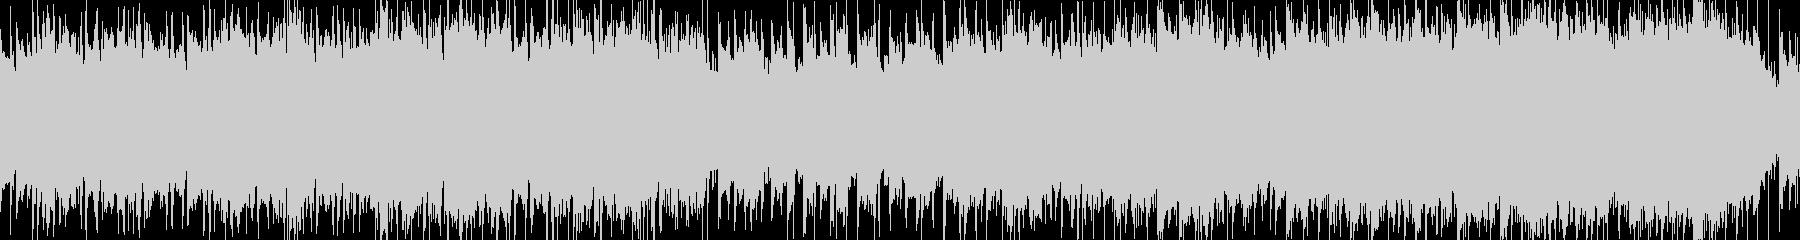 シューティングゲーム風ロック_ループ版の未再生の波形